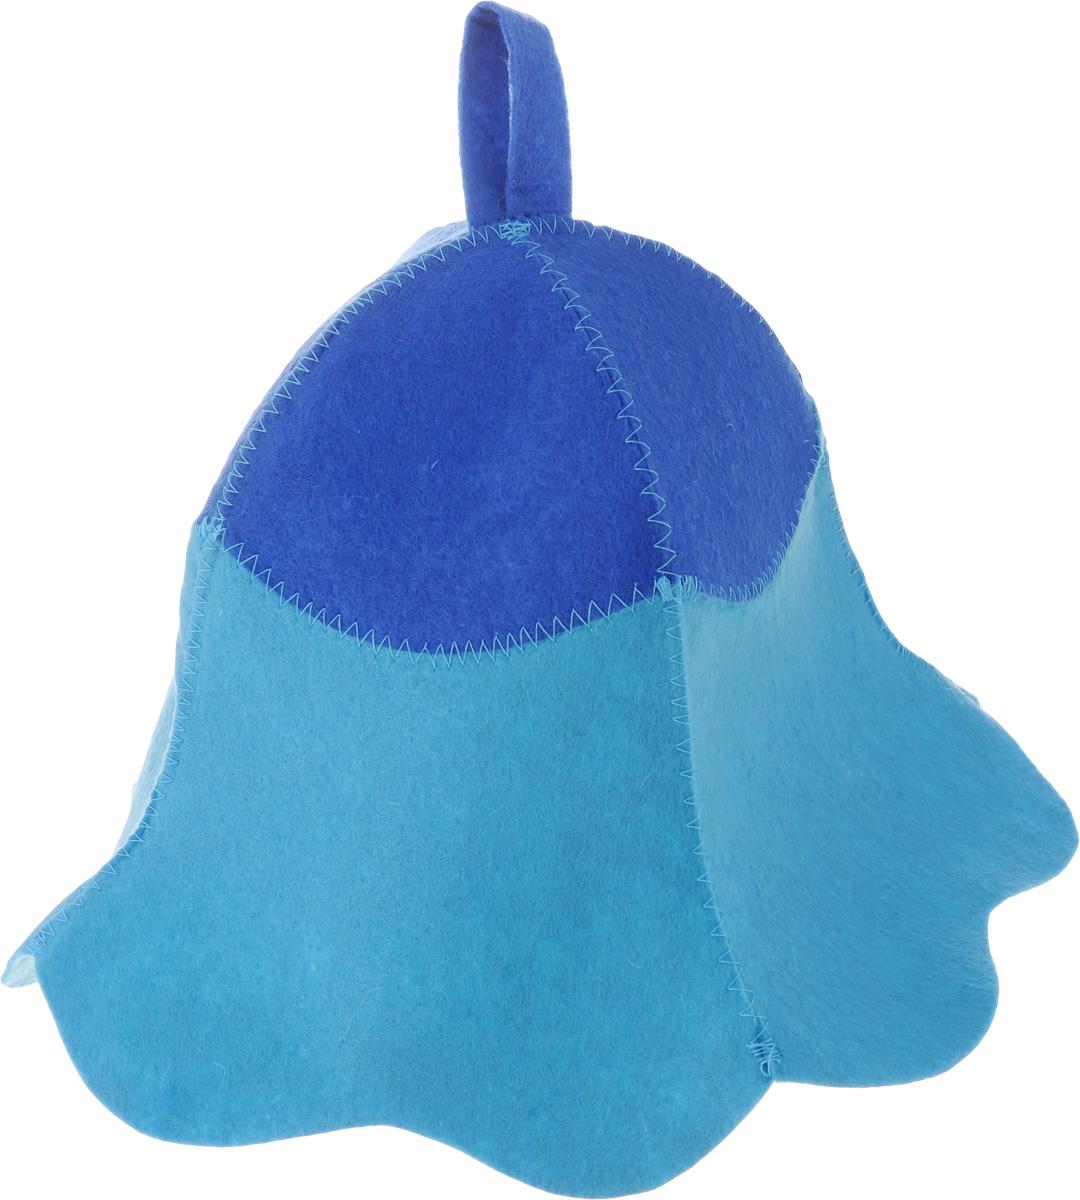 Шапка для бани и сауны Доктор баня Дюймовочка, цвет: голубой, синий905247_голубой с синимШапка для бани и сауны Доктор баня Дюймовочка изготовлена из фильца (100% полиэстер) - нетканого полотна. Это незаменимый аксессуар для любителей попариться в русской бане и для тех, кто предпочитает сухой жар финской бани. Необычный дизайн изделия поможет сделать ваш отдых более приятным и разнообразным. При правильном уходе шапка прослужит долгое время - достаточно просушивать ее, подвешивая за петельку. Диаметр шапки по нижнему краю: 37 см. Высота шапки: 25 см.